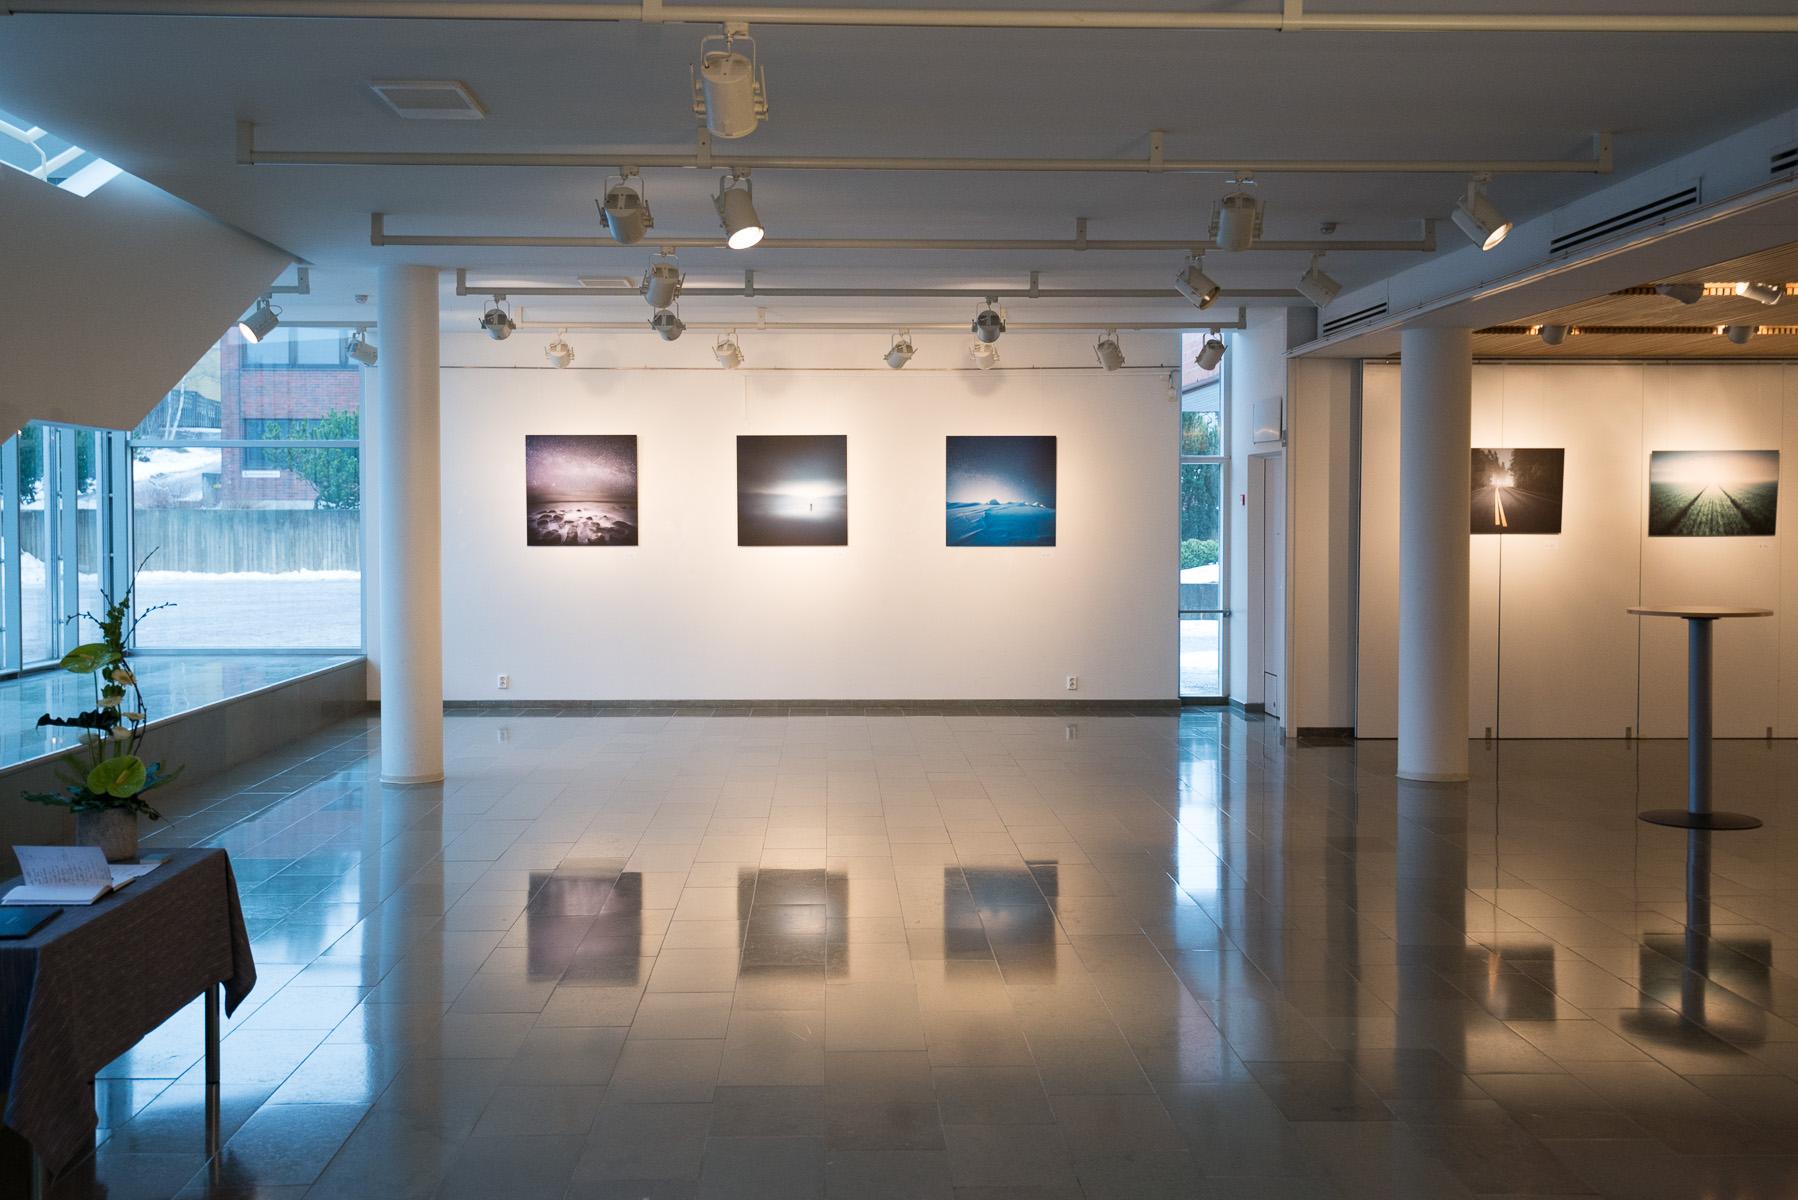 Mikko-Lagerstedt-Galleria.jpg